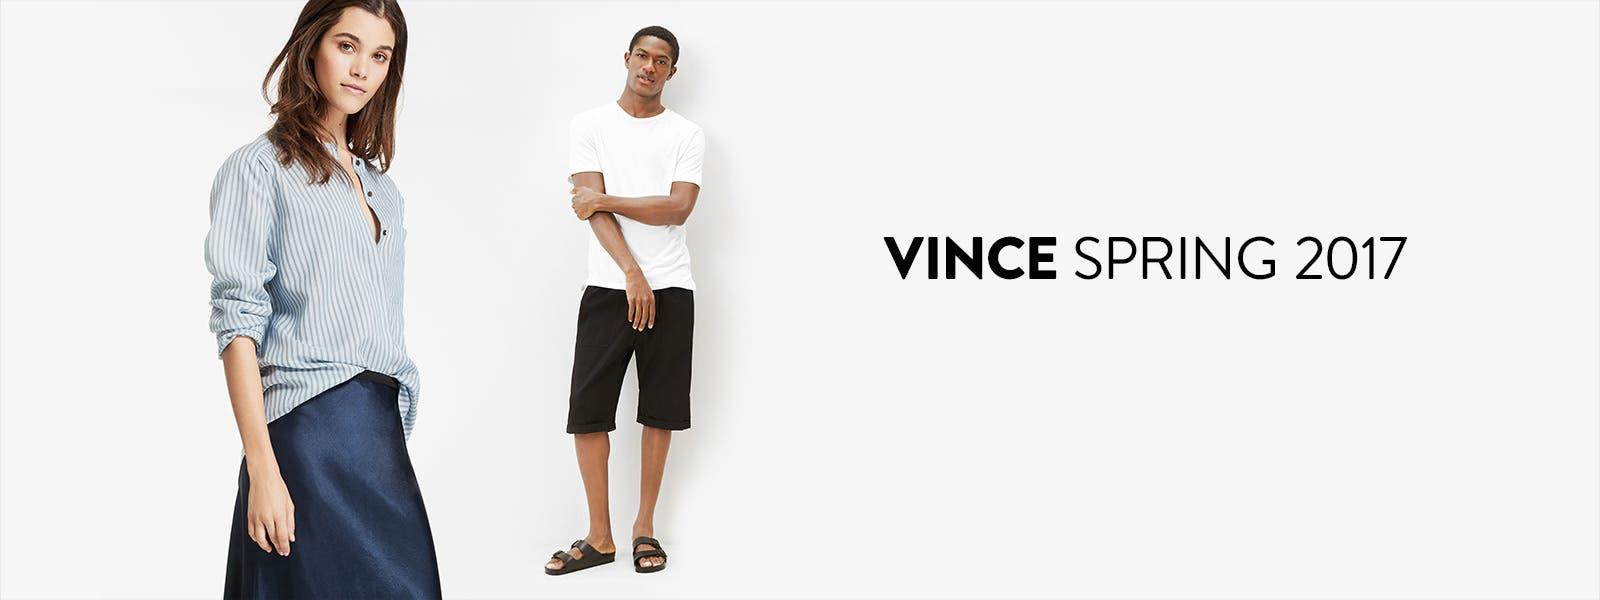 Vince spring 2017.